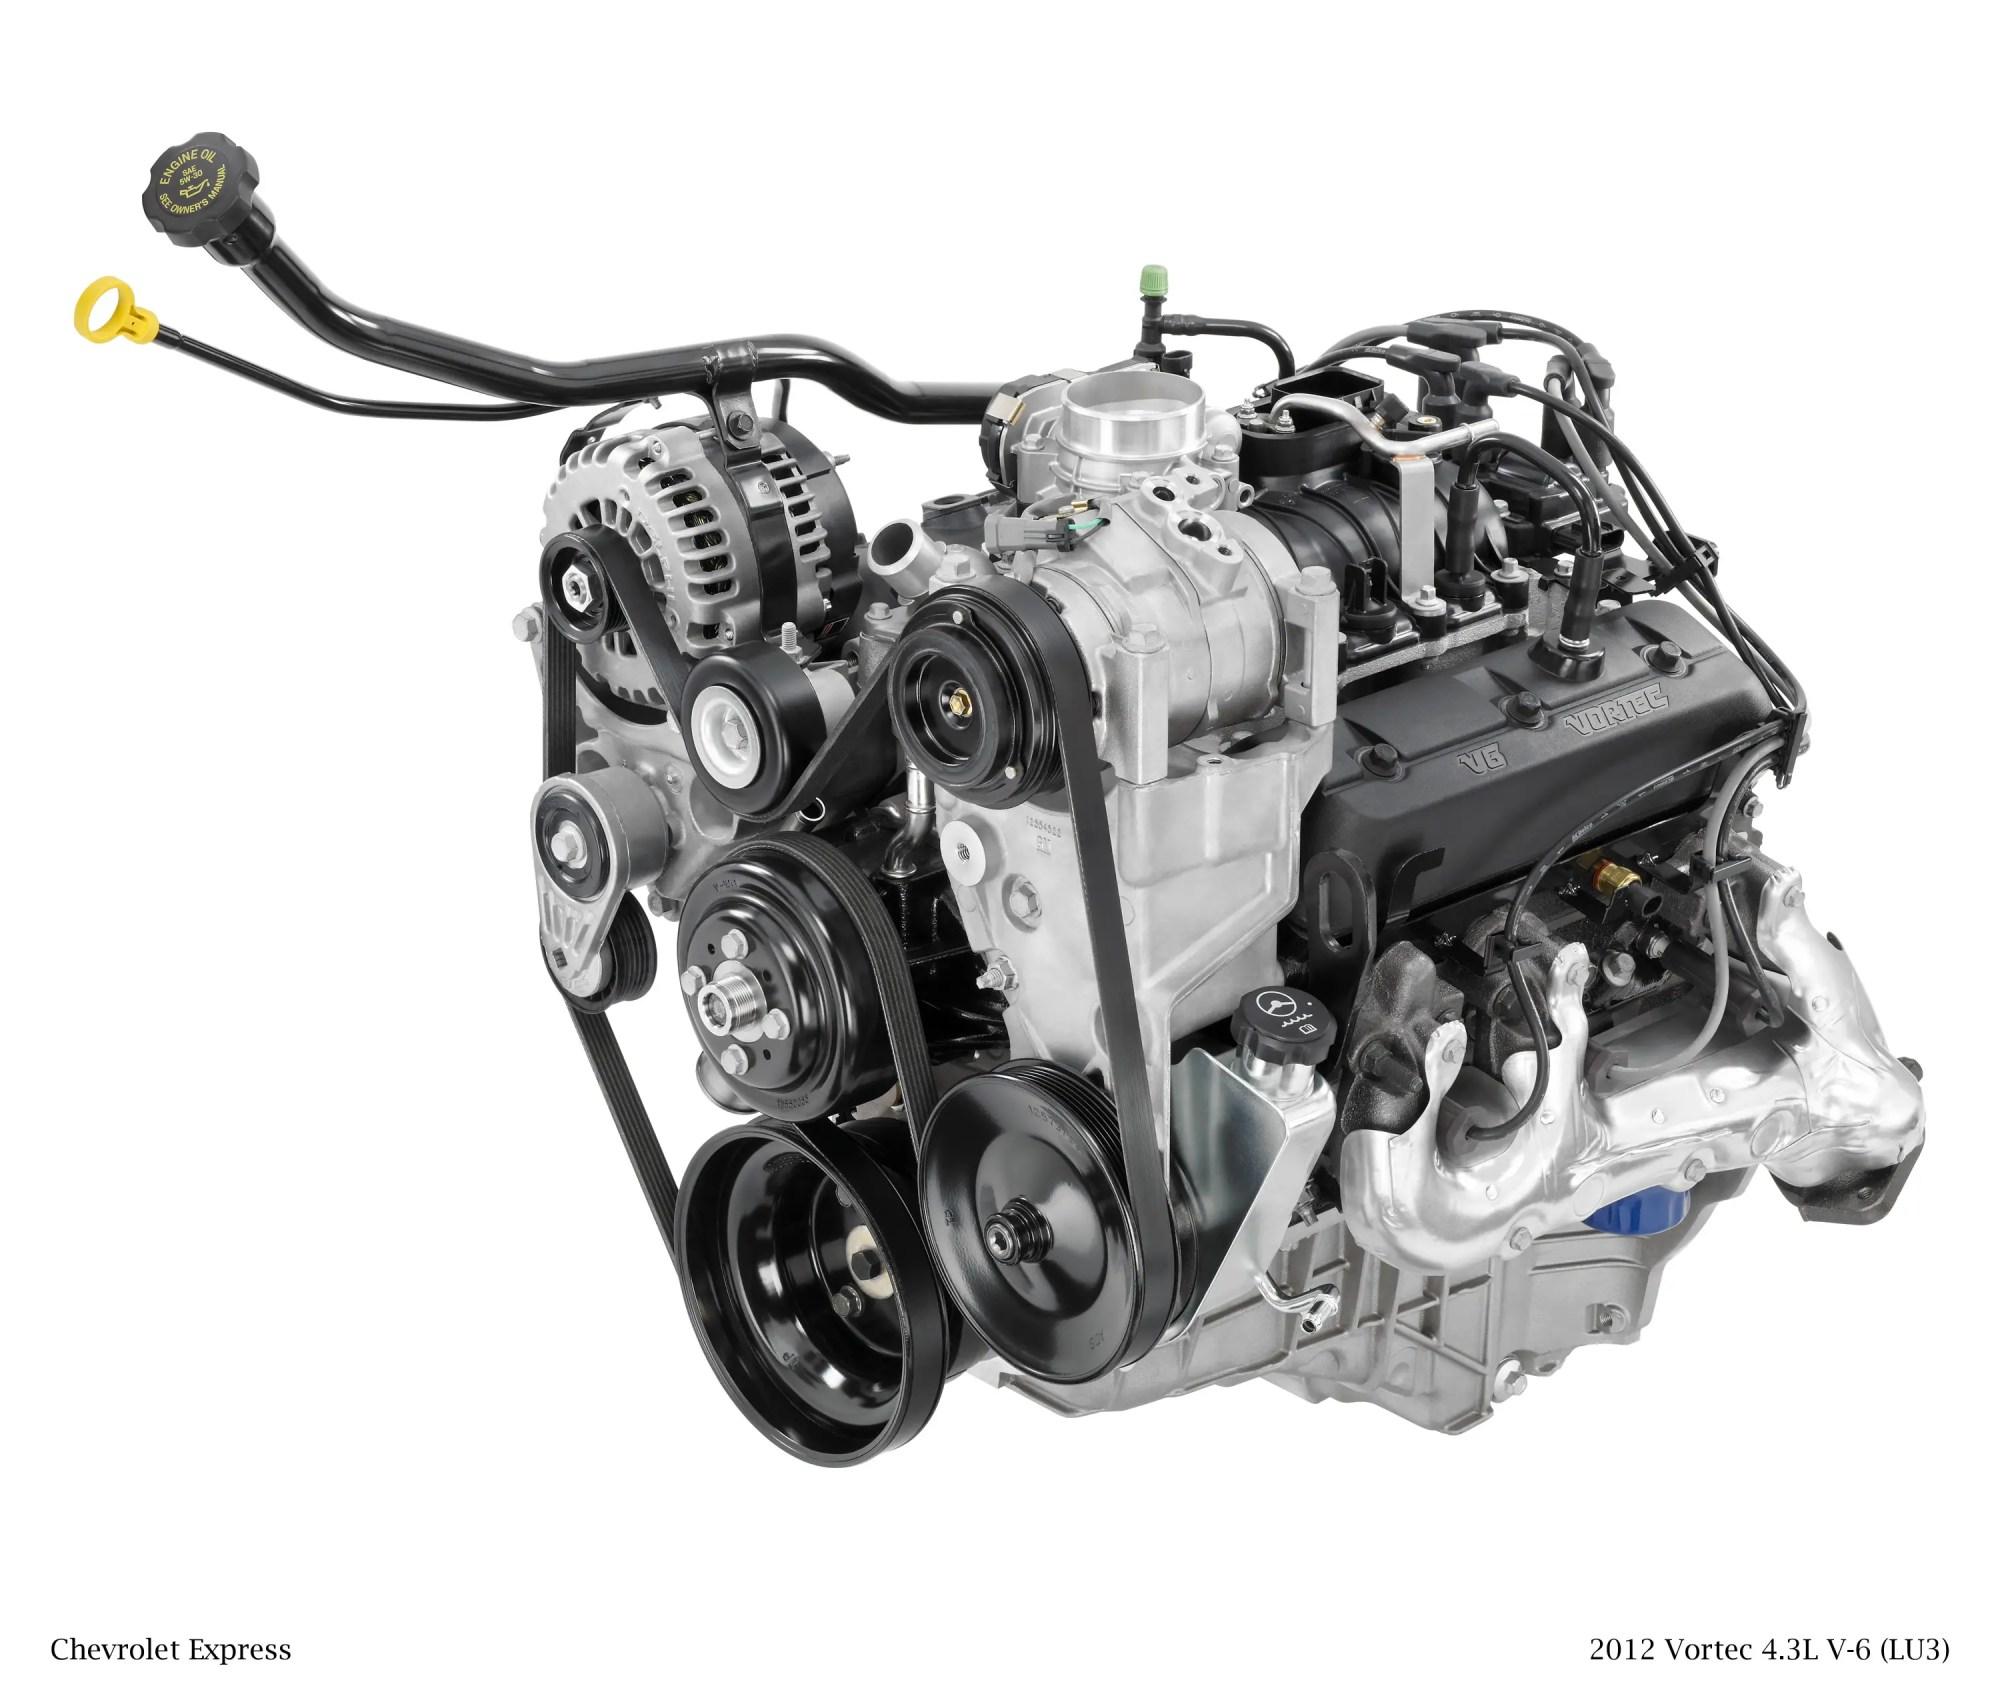 hight resolution of 2012 vortec 4 3l v 6 lu3 for chevrolet express engines we